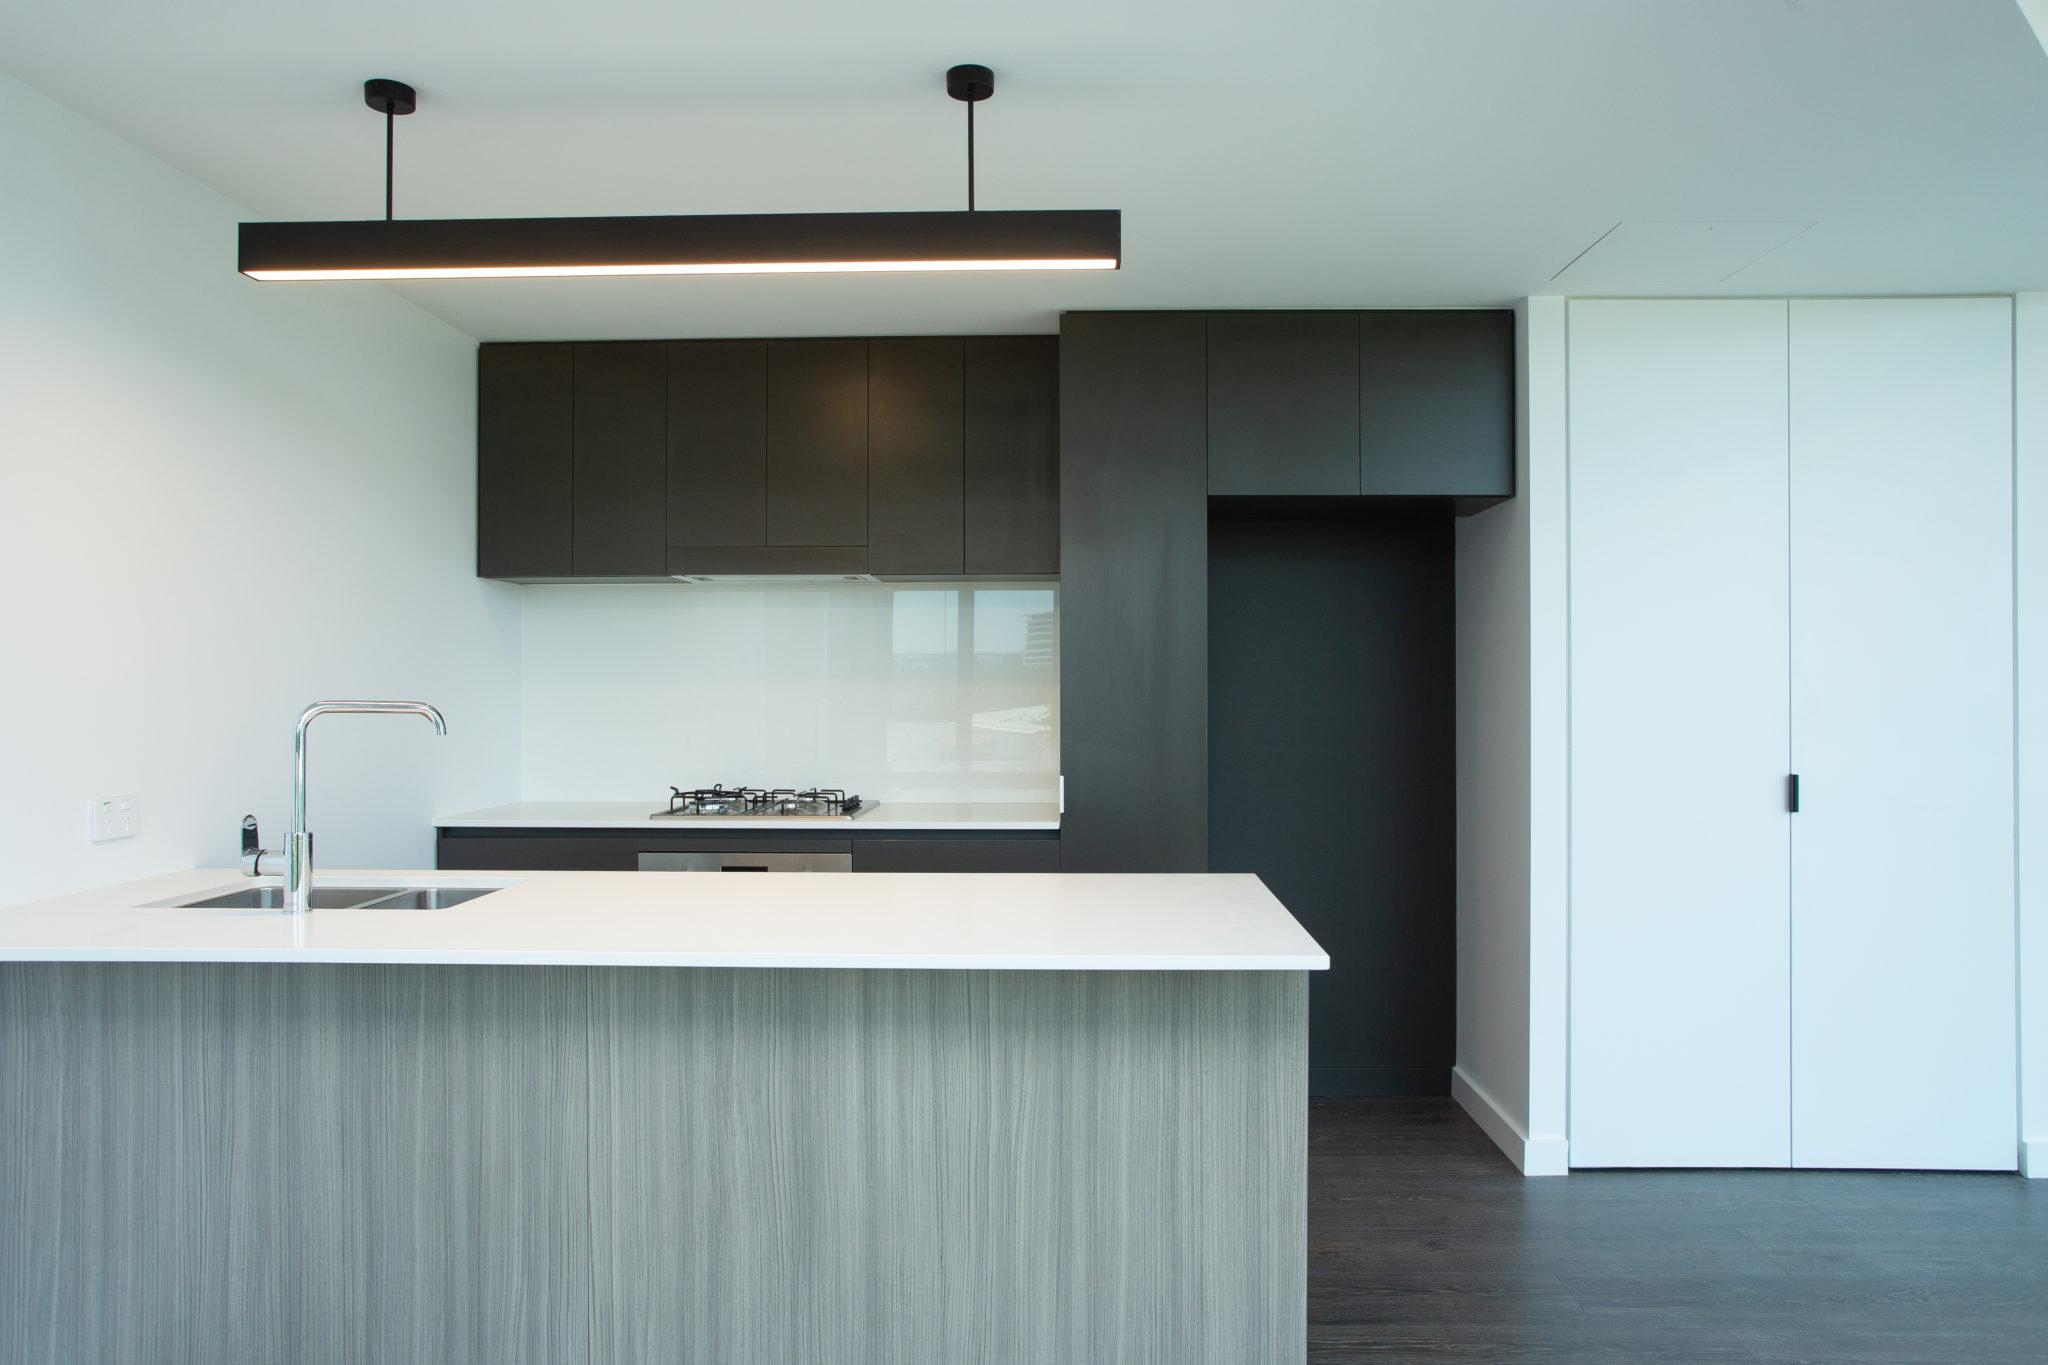 Apartment 30402 - 92sqm